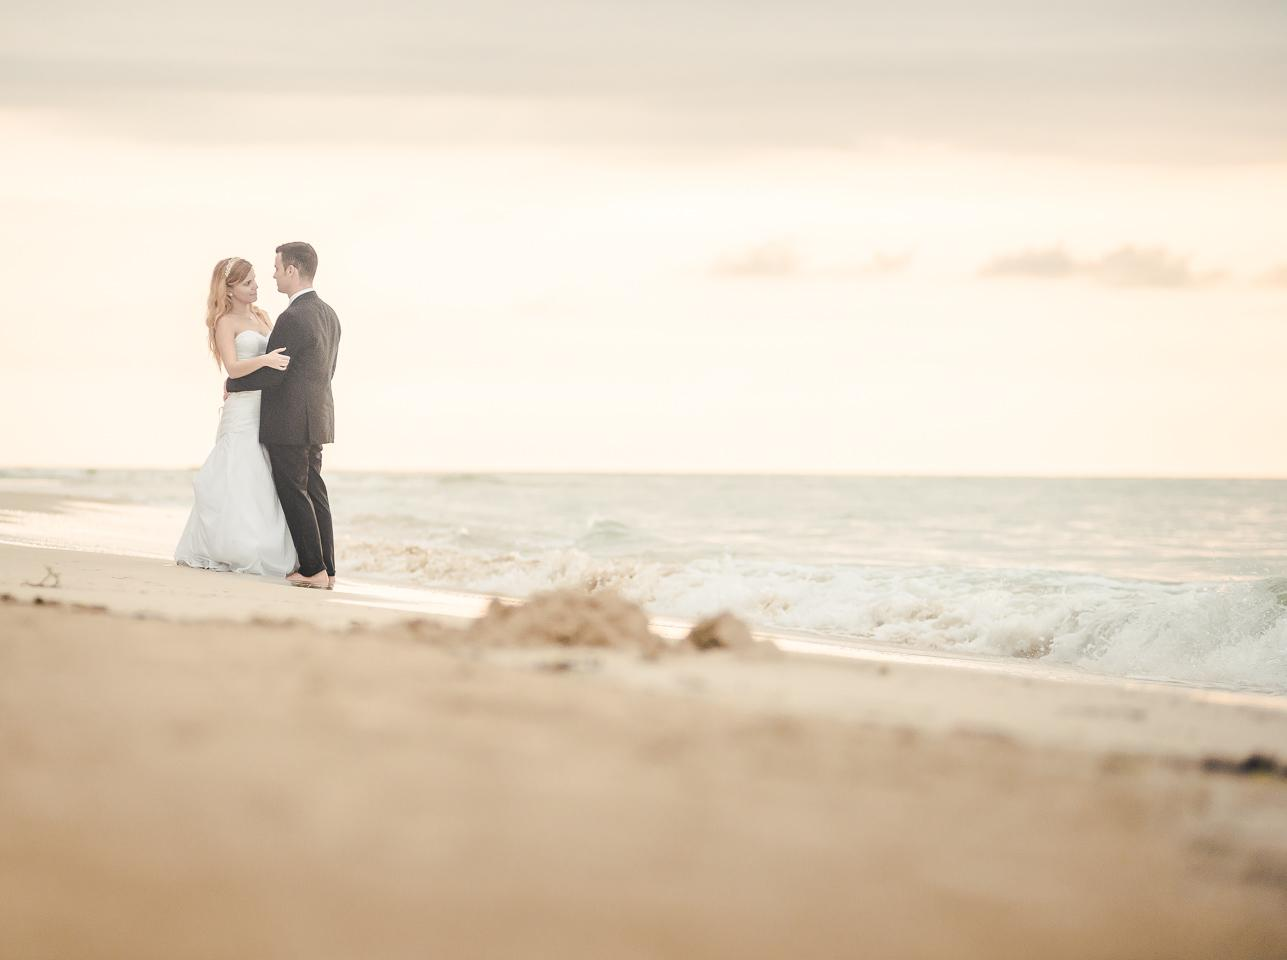 bodas-estilo-libre-sin-tema-cuba-11141.jpg